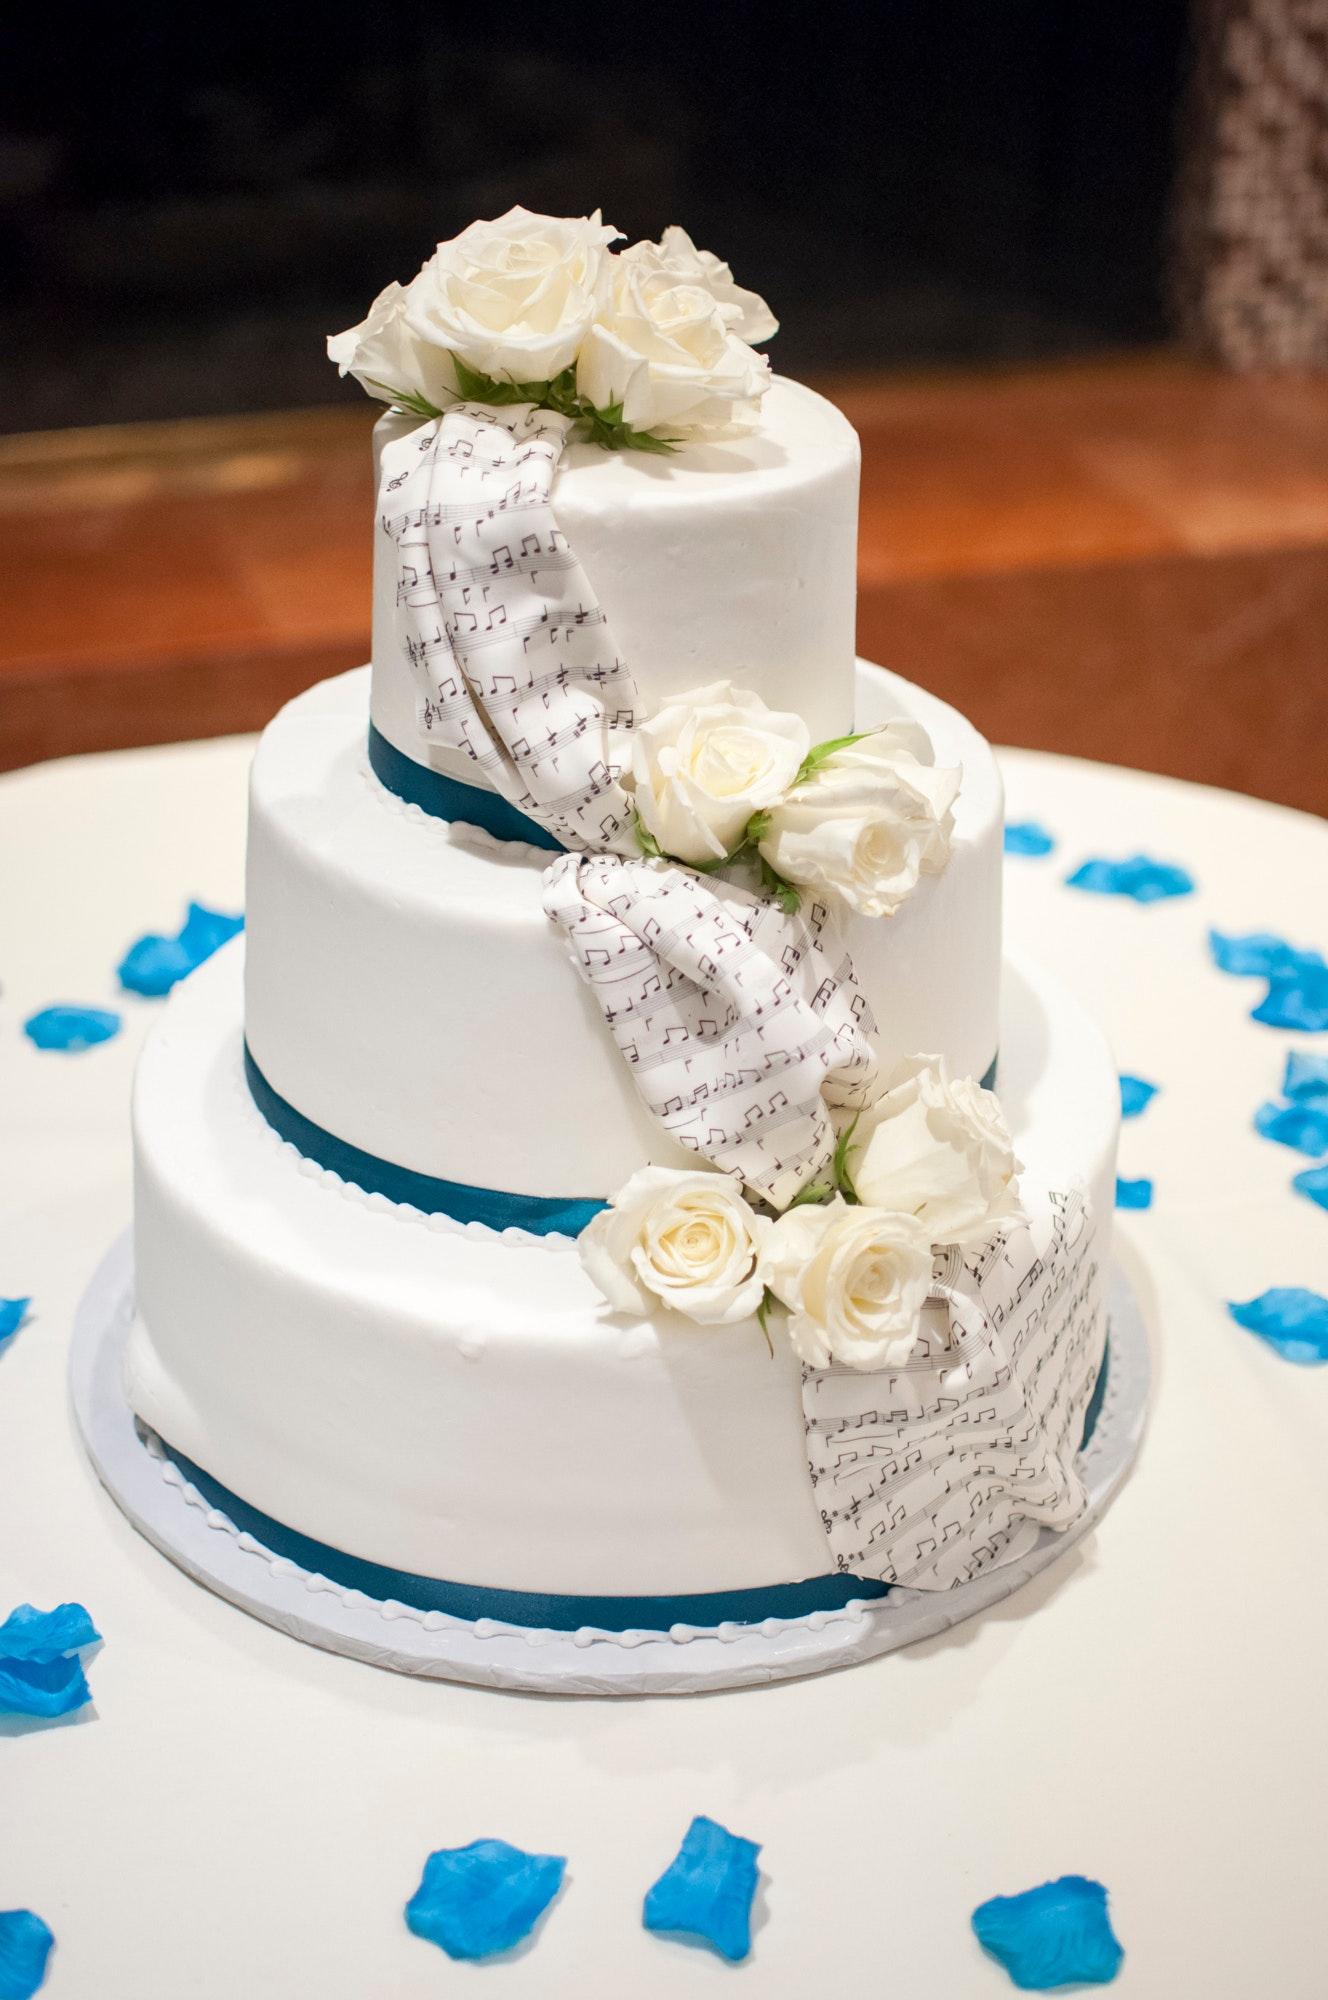 baked-goods-birthday-cake-19640.jpg